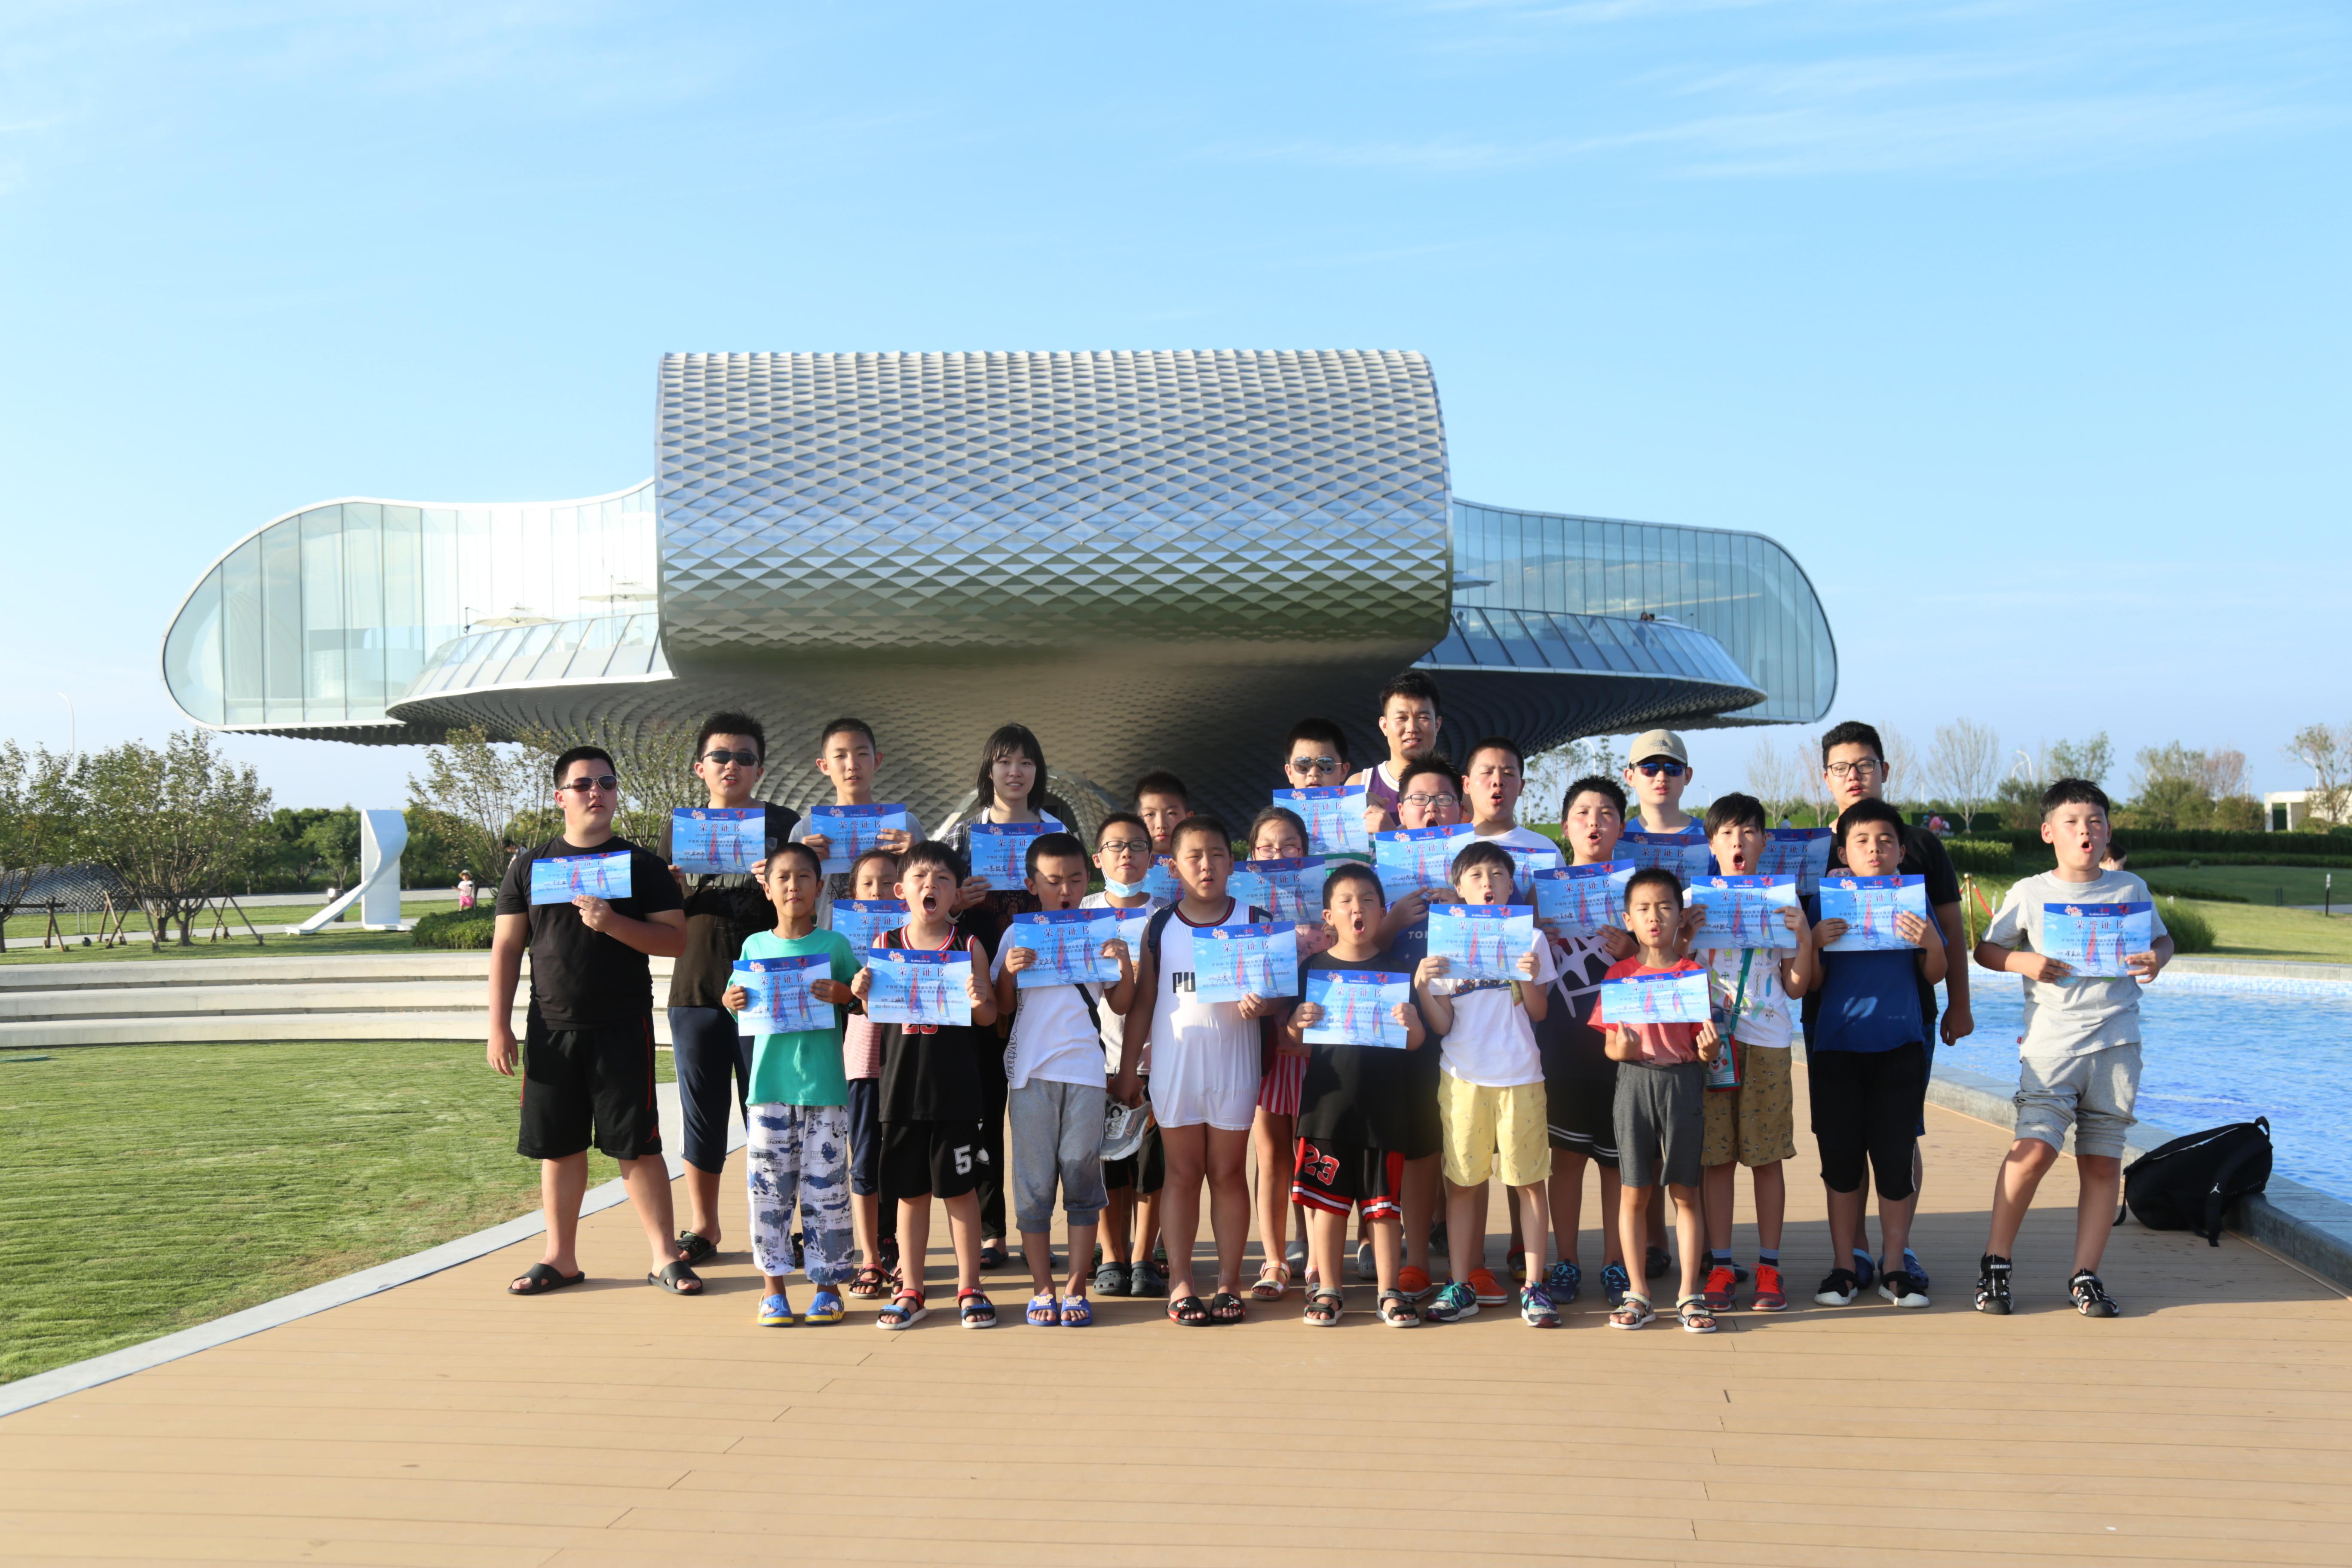 中国网·育华篮球风采小船长第二期活动收官展示